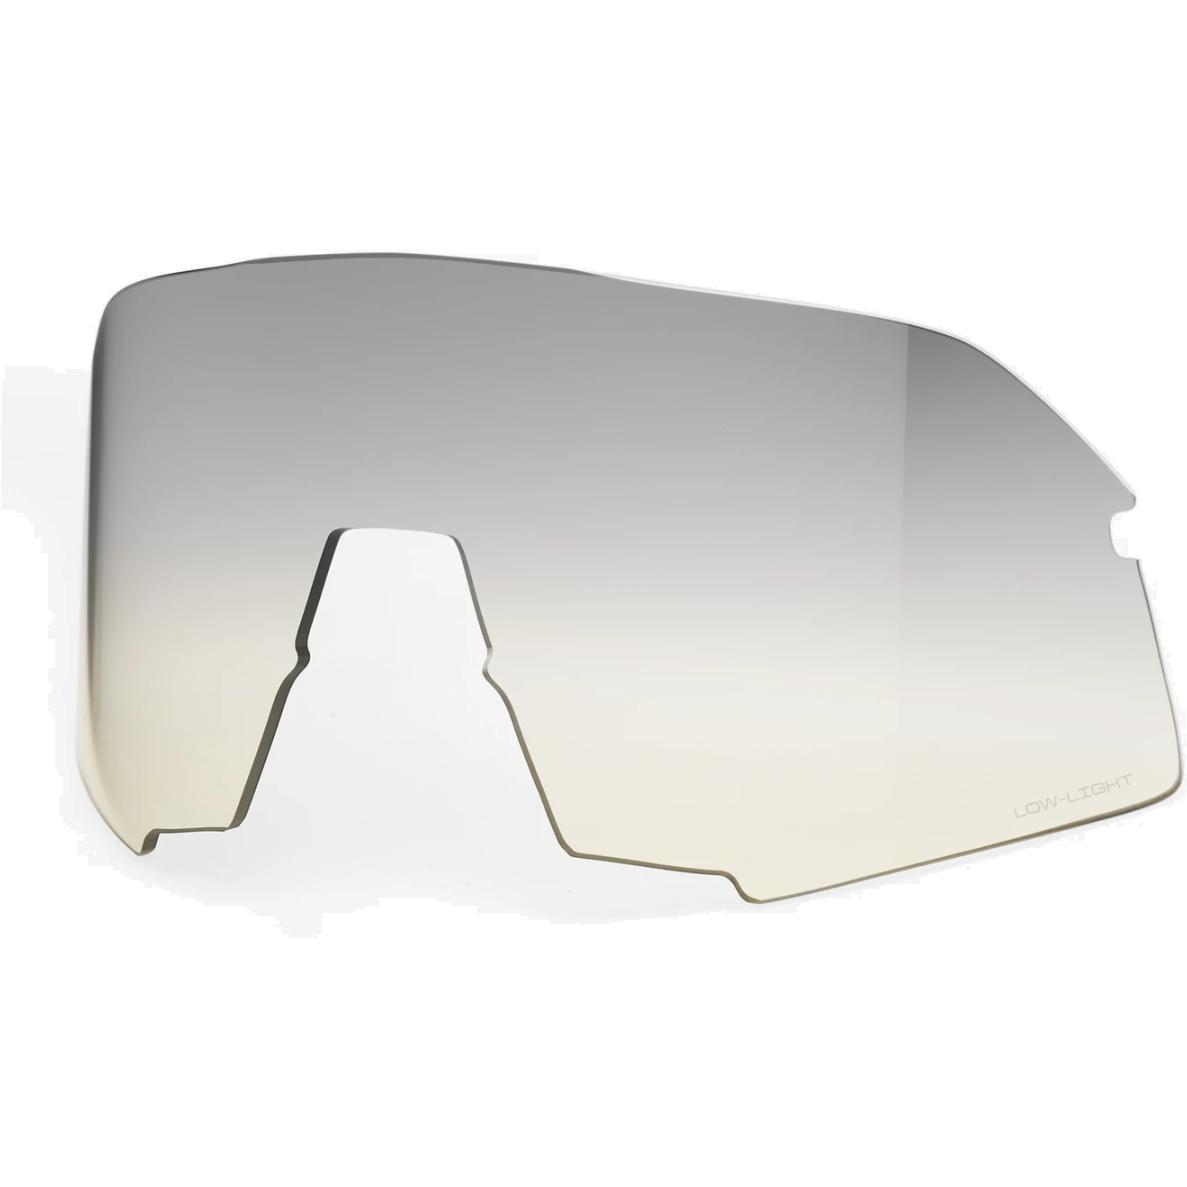 100% S3 Mirror Lente de repuesto - Low-Light Yellow Silver